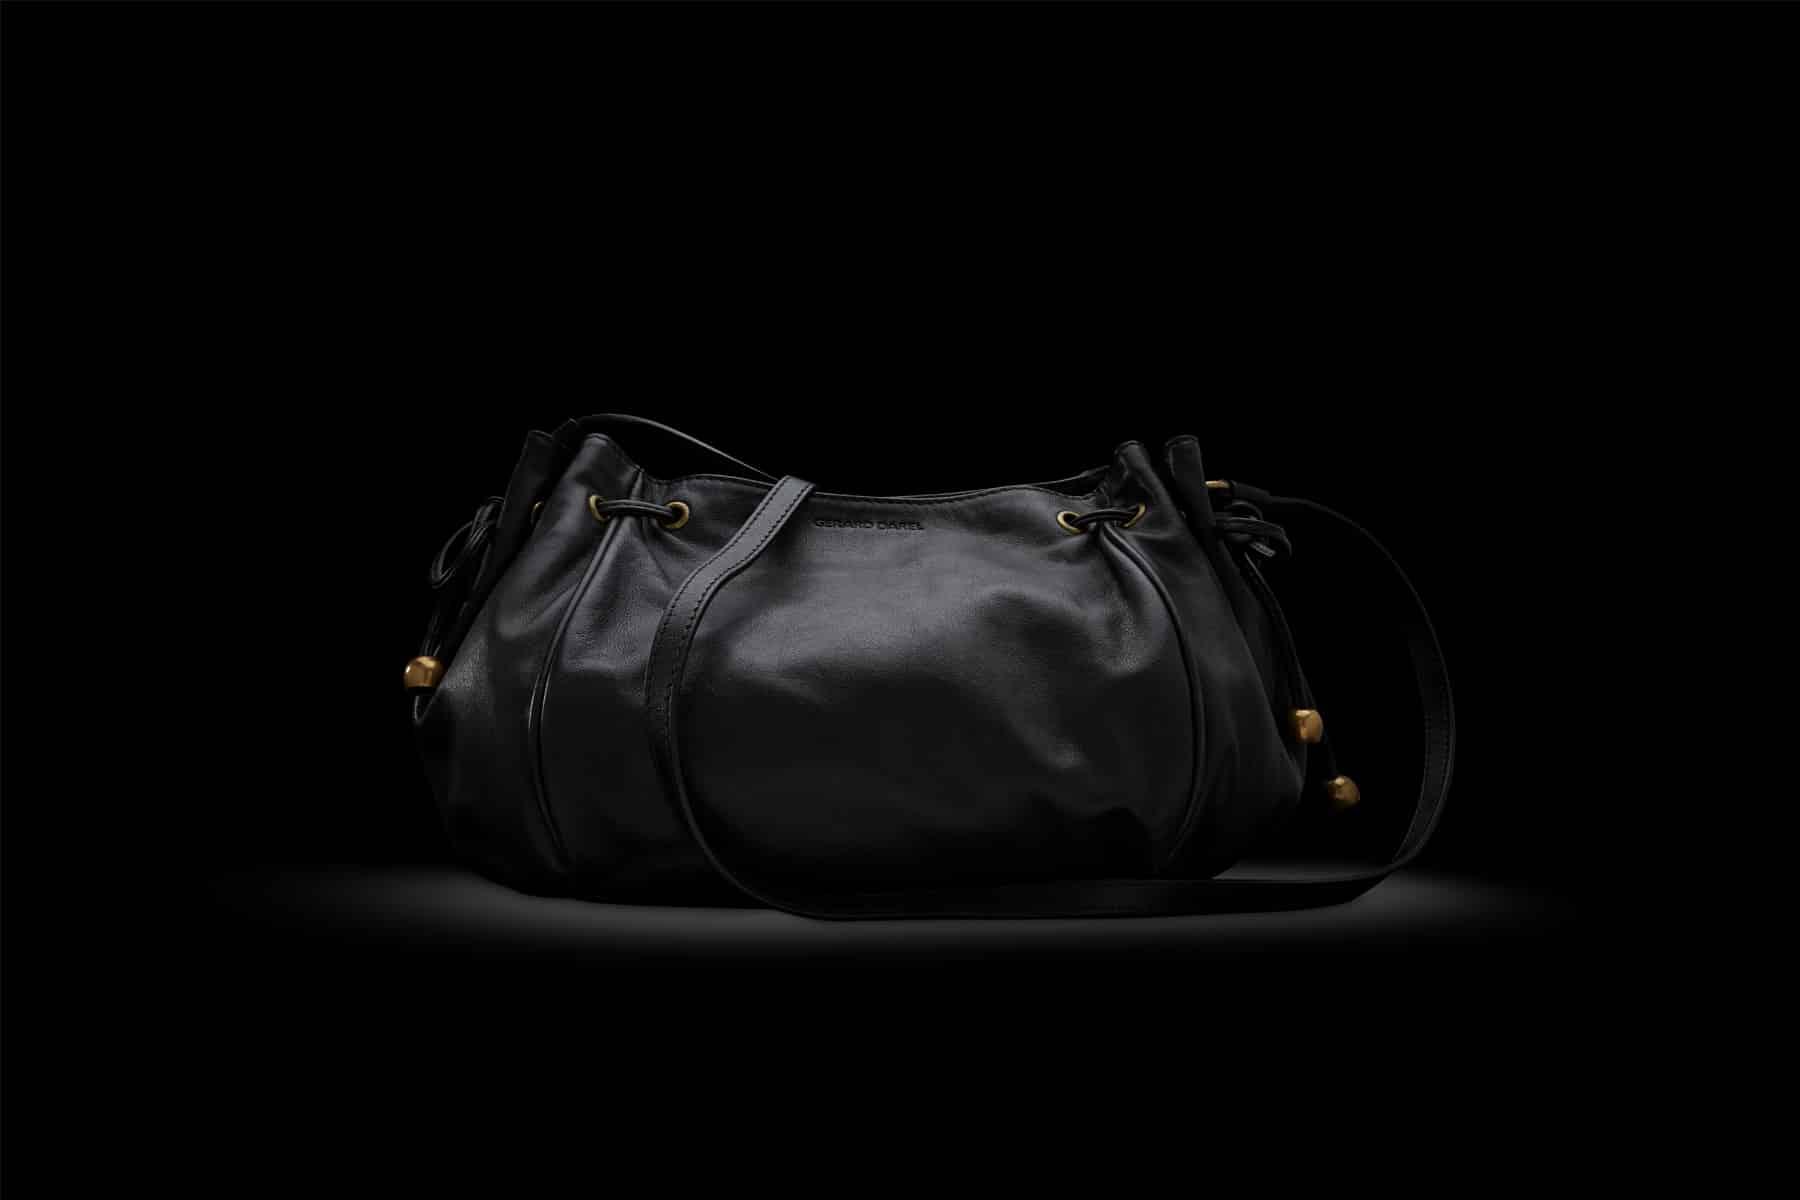 Packshot Maroquinerie Sac micro 24H Gerard Darel